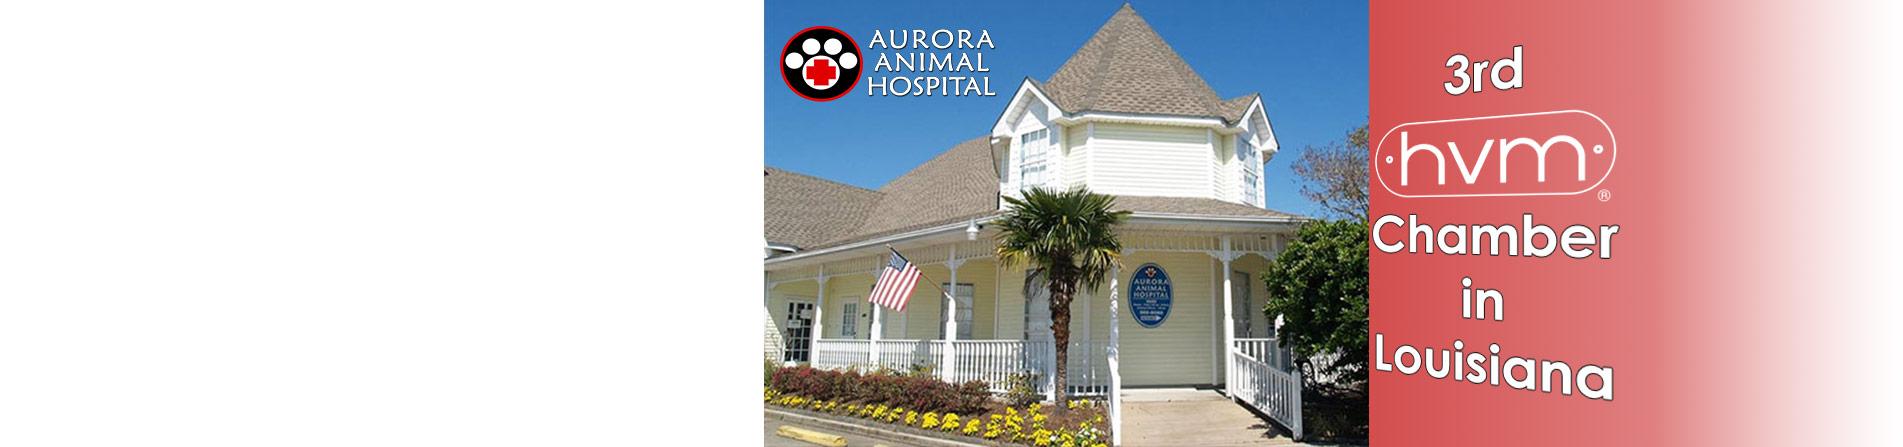 Aurora Animal Hospital